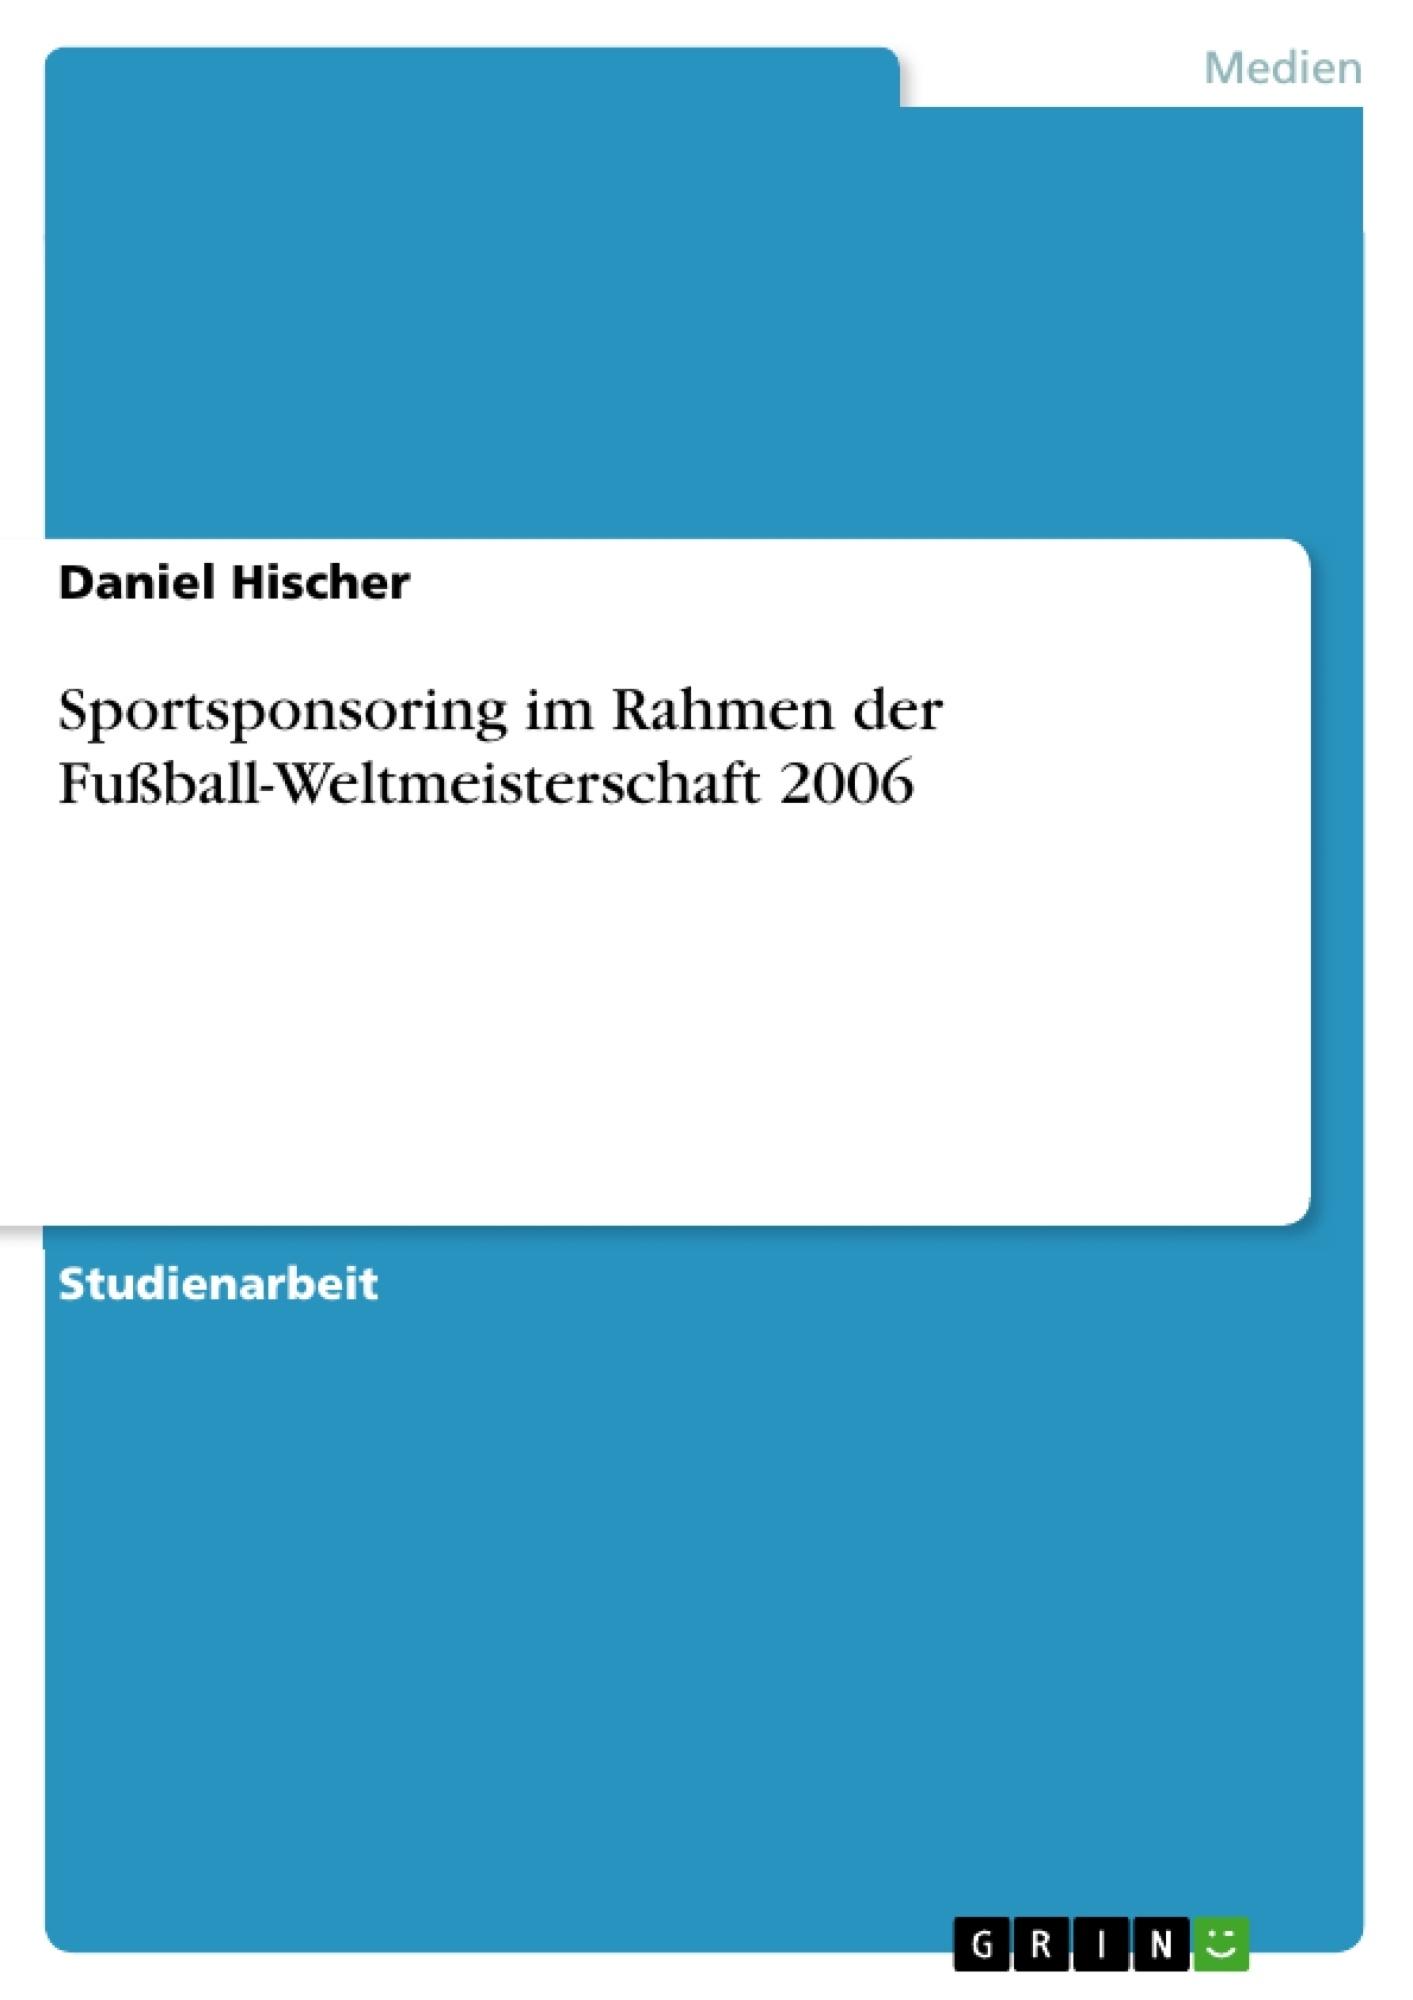 Titel: Sportsponsoring im Rahmen der Fußball-Weltmeisterschaft 2006